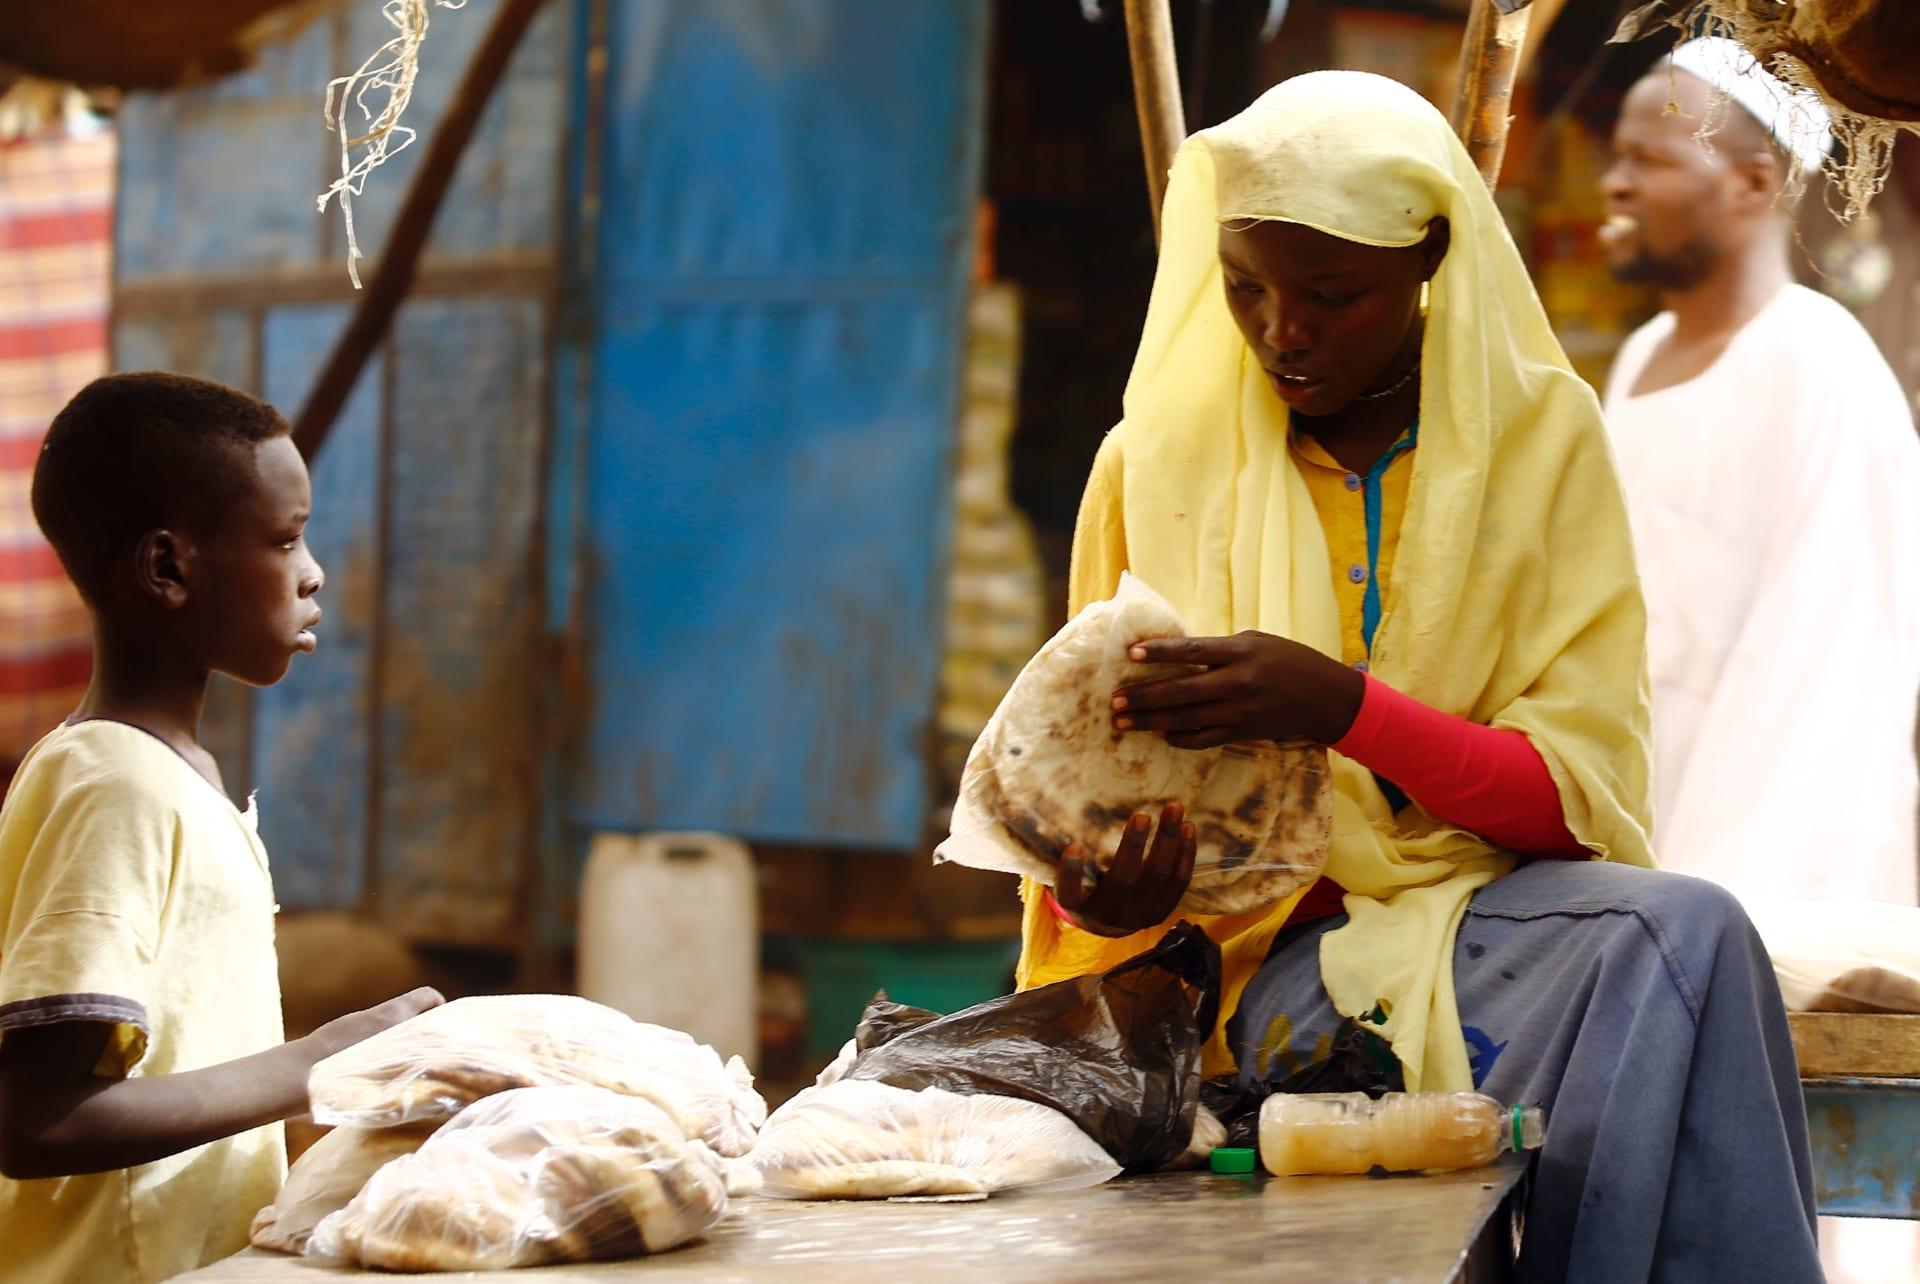 الصندوق العربي للإنماء يدعم السودان بقرض جديد.. فما قيمته؟